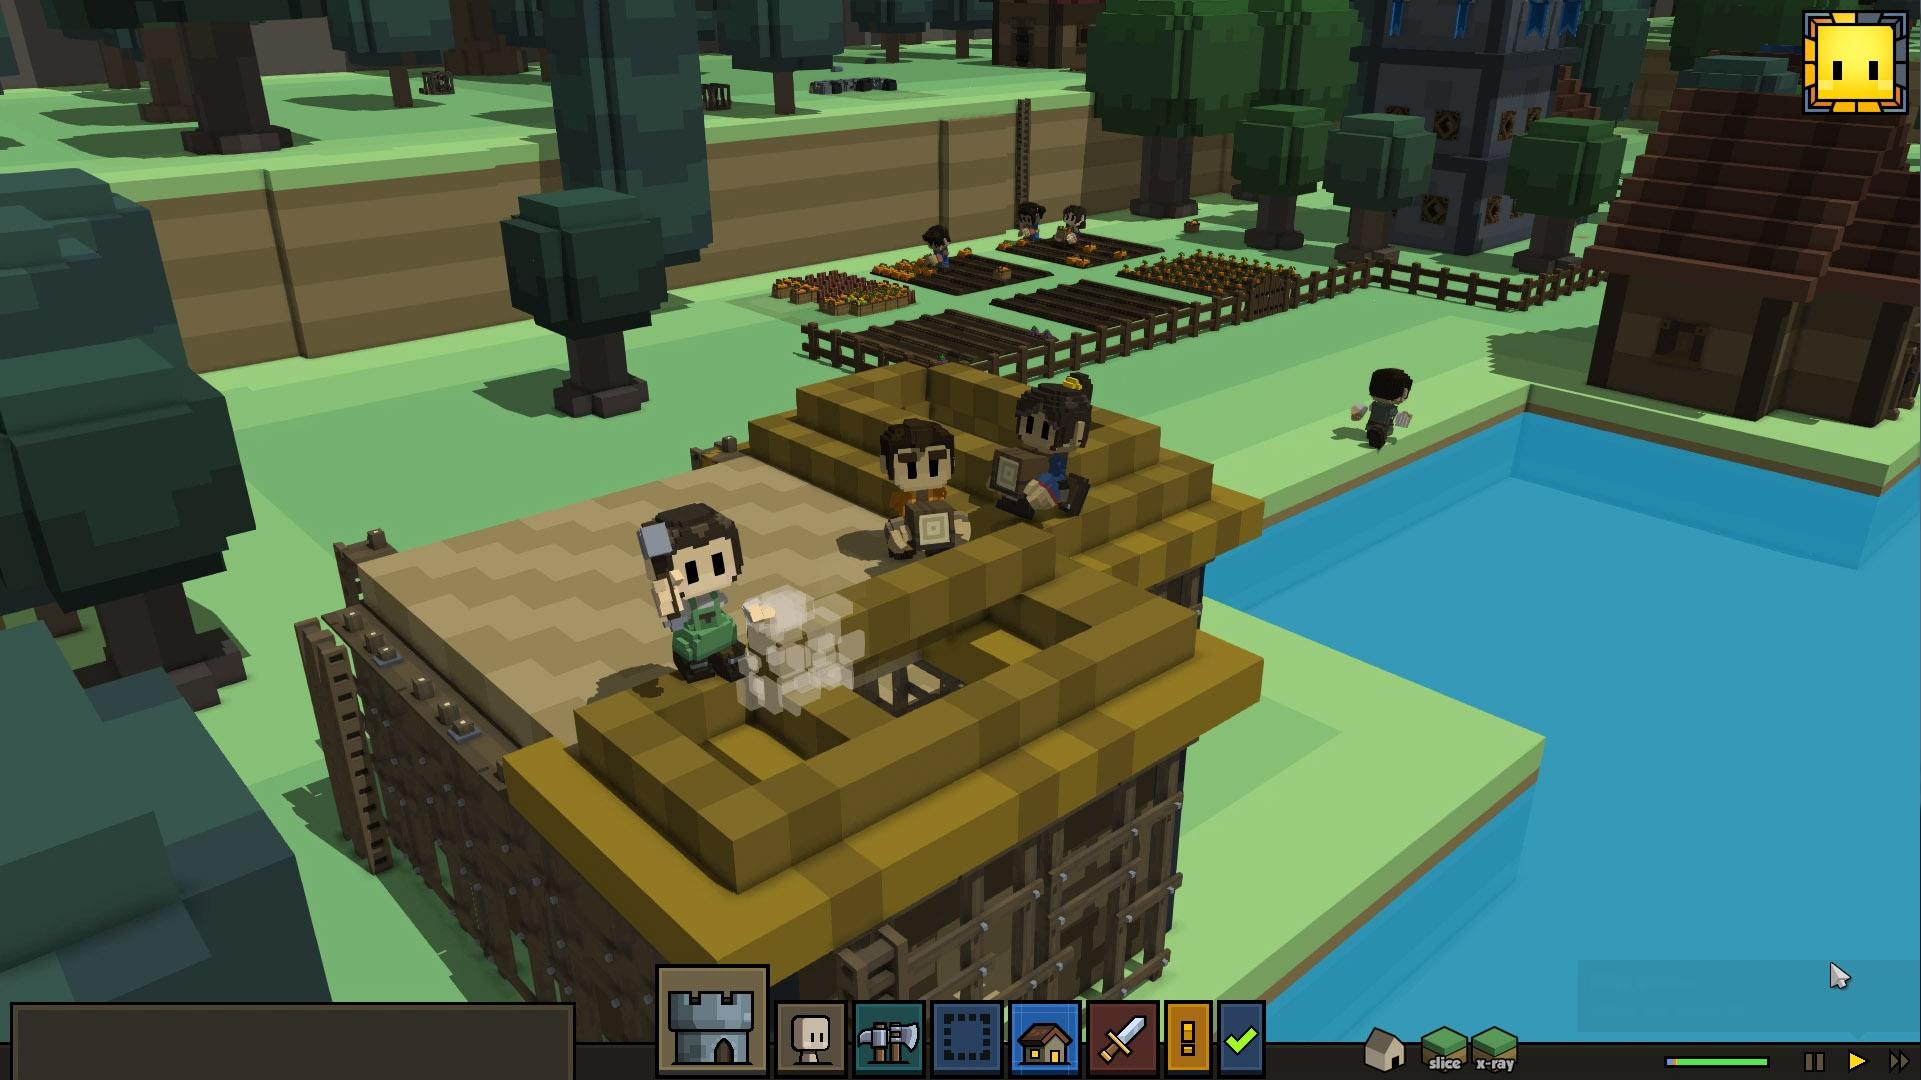 《石炉》Steam新演示公布 MC风格另有独特玩法